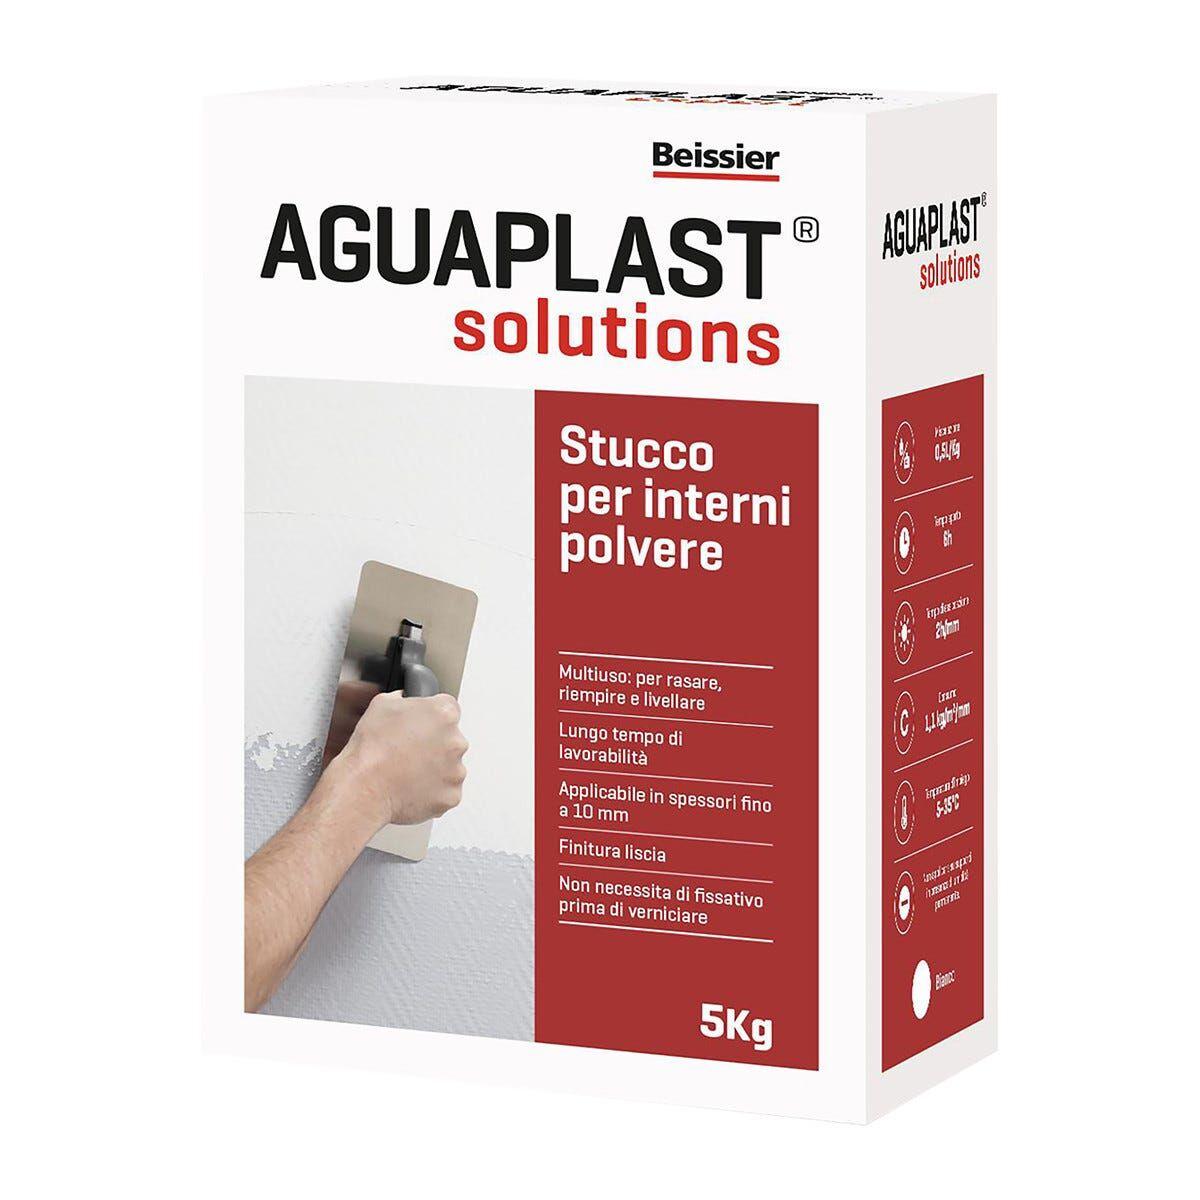 AGUAPLAST Stucco Per Interni In Polvere  Bianco 5 Kg Spessori Fino A 10 Mm